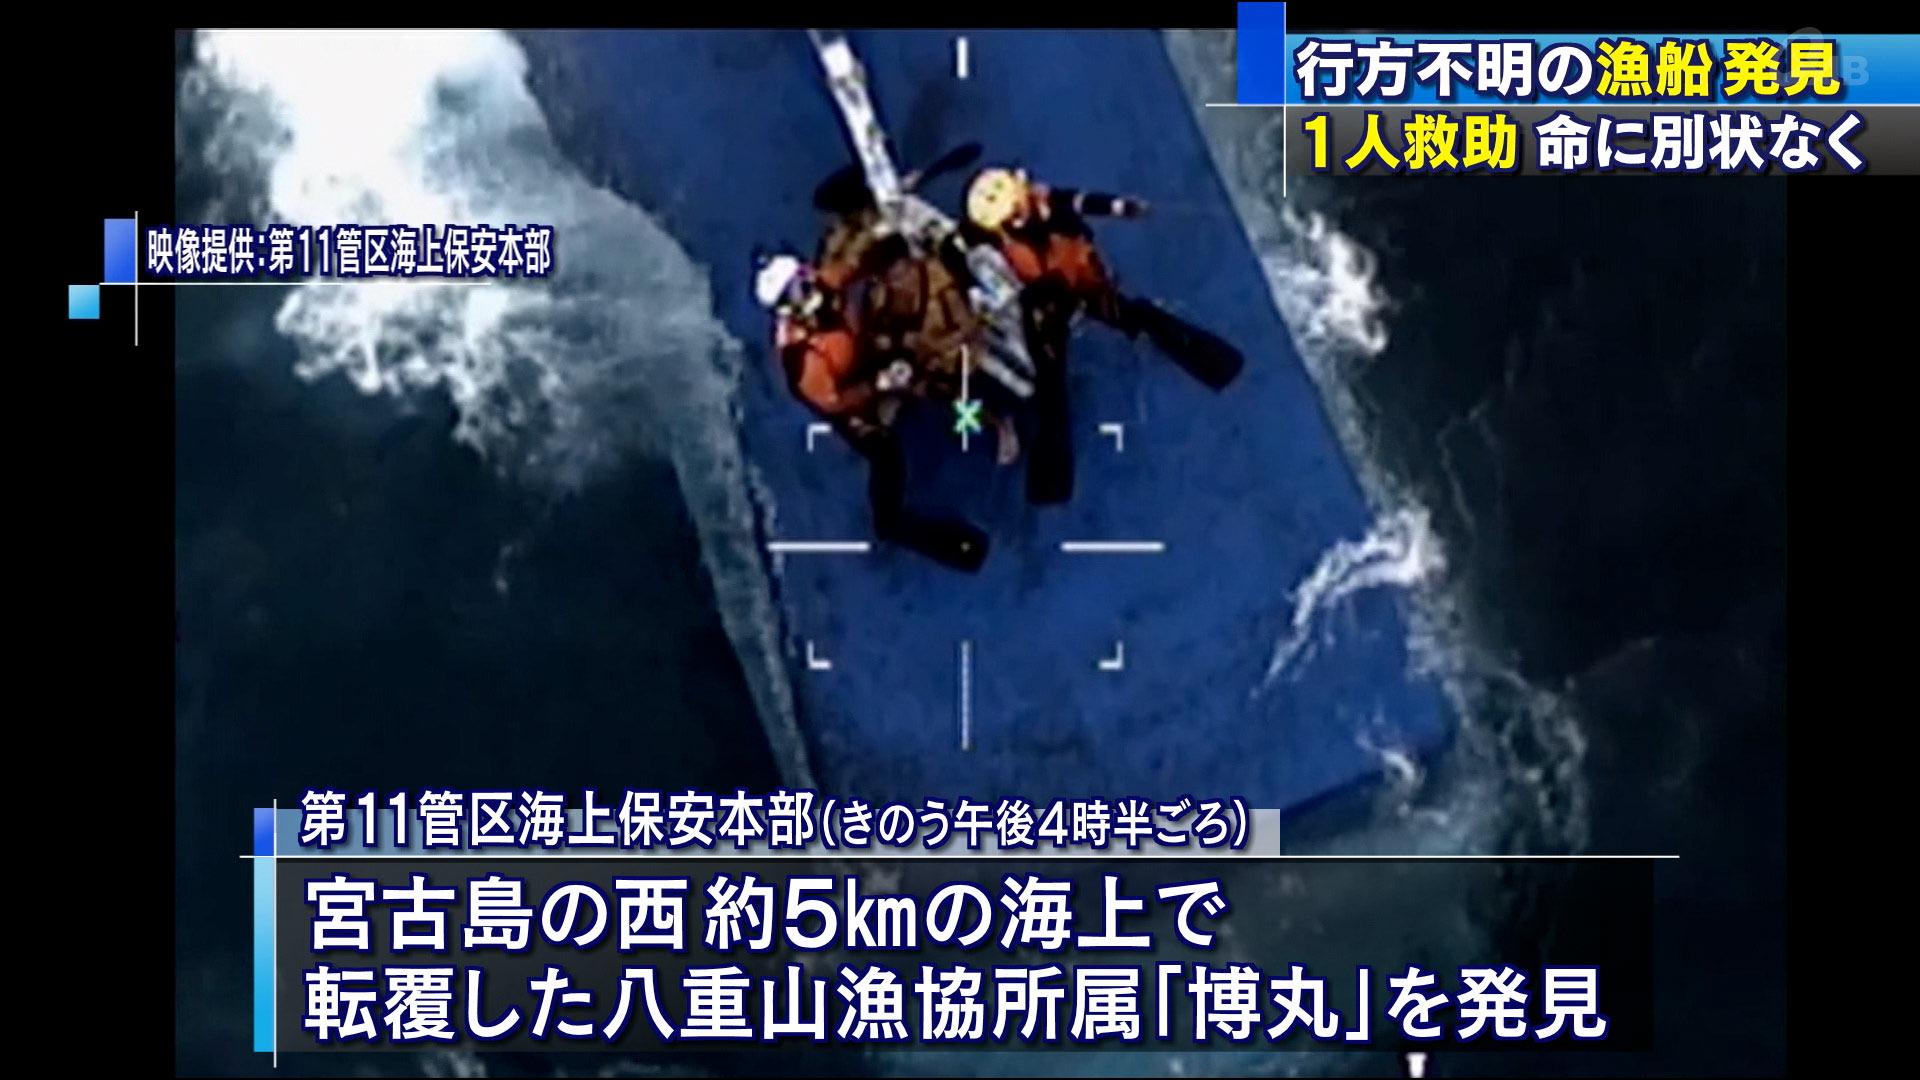 行方不明の漁船発見 1人救助